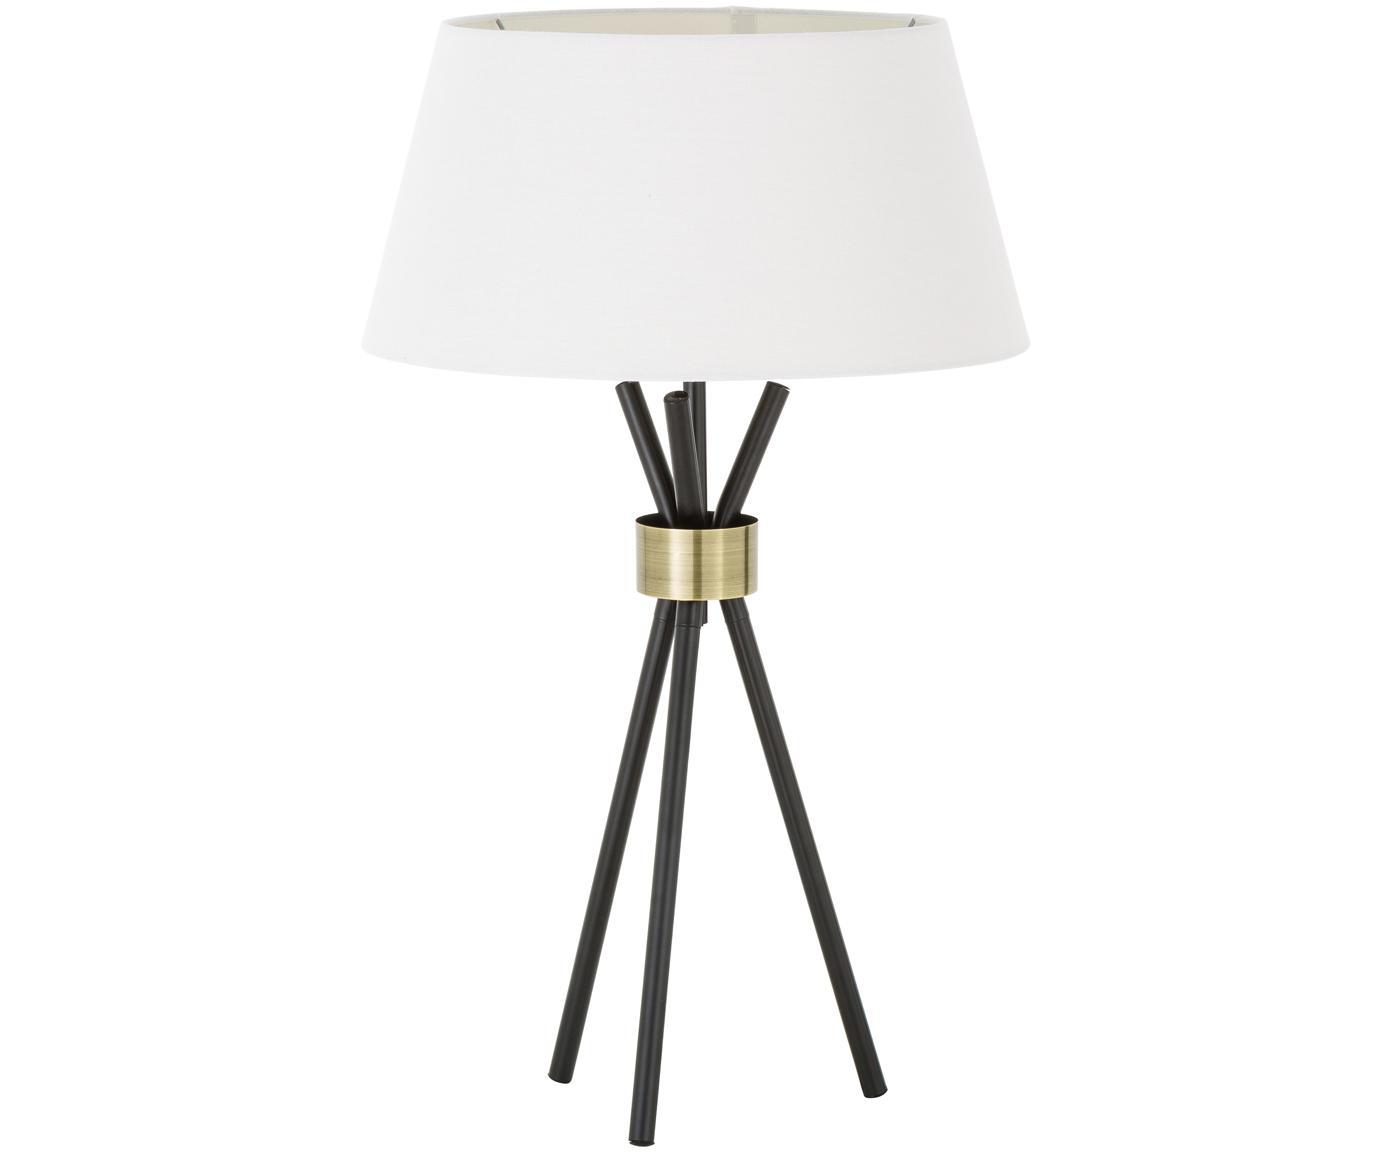 Große Tischleuchte Tribeca, Lampenschirm: Leinen, Lampenfuß: Metall, lackiert, Weiß, Schwarz, Ø 40 x H 67 cm